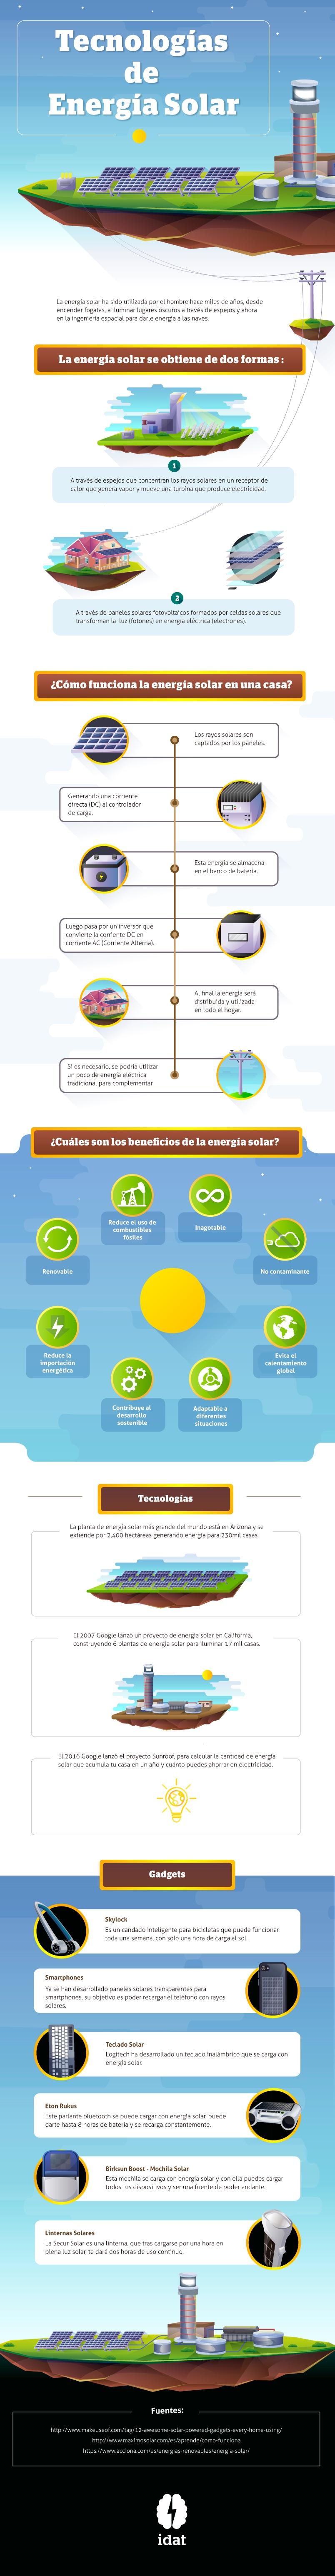 ¿Cómo se obtiene la energía solar?. Y formas de aprovecharla (Infografía)